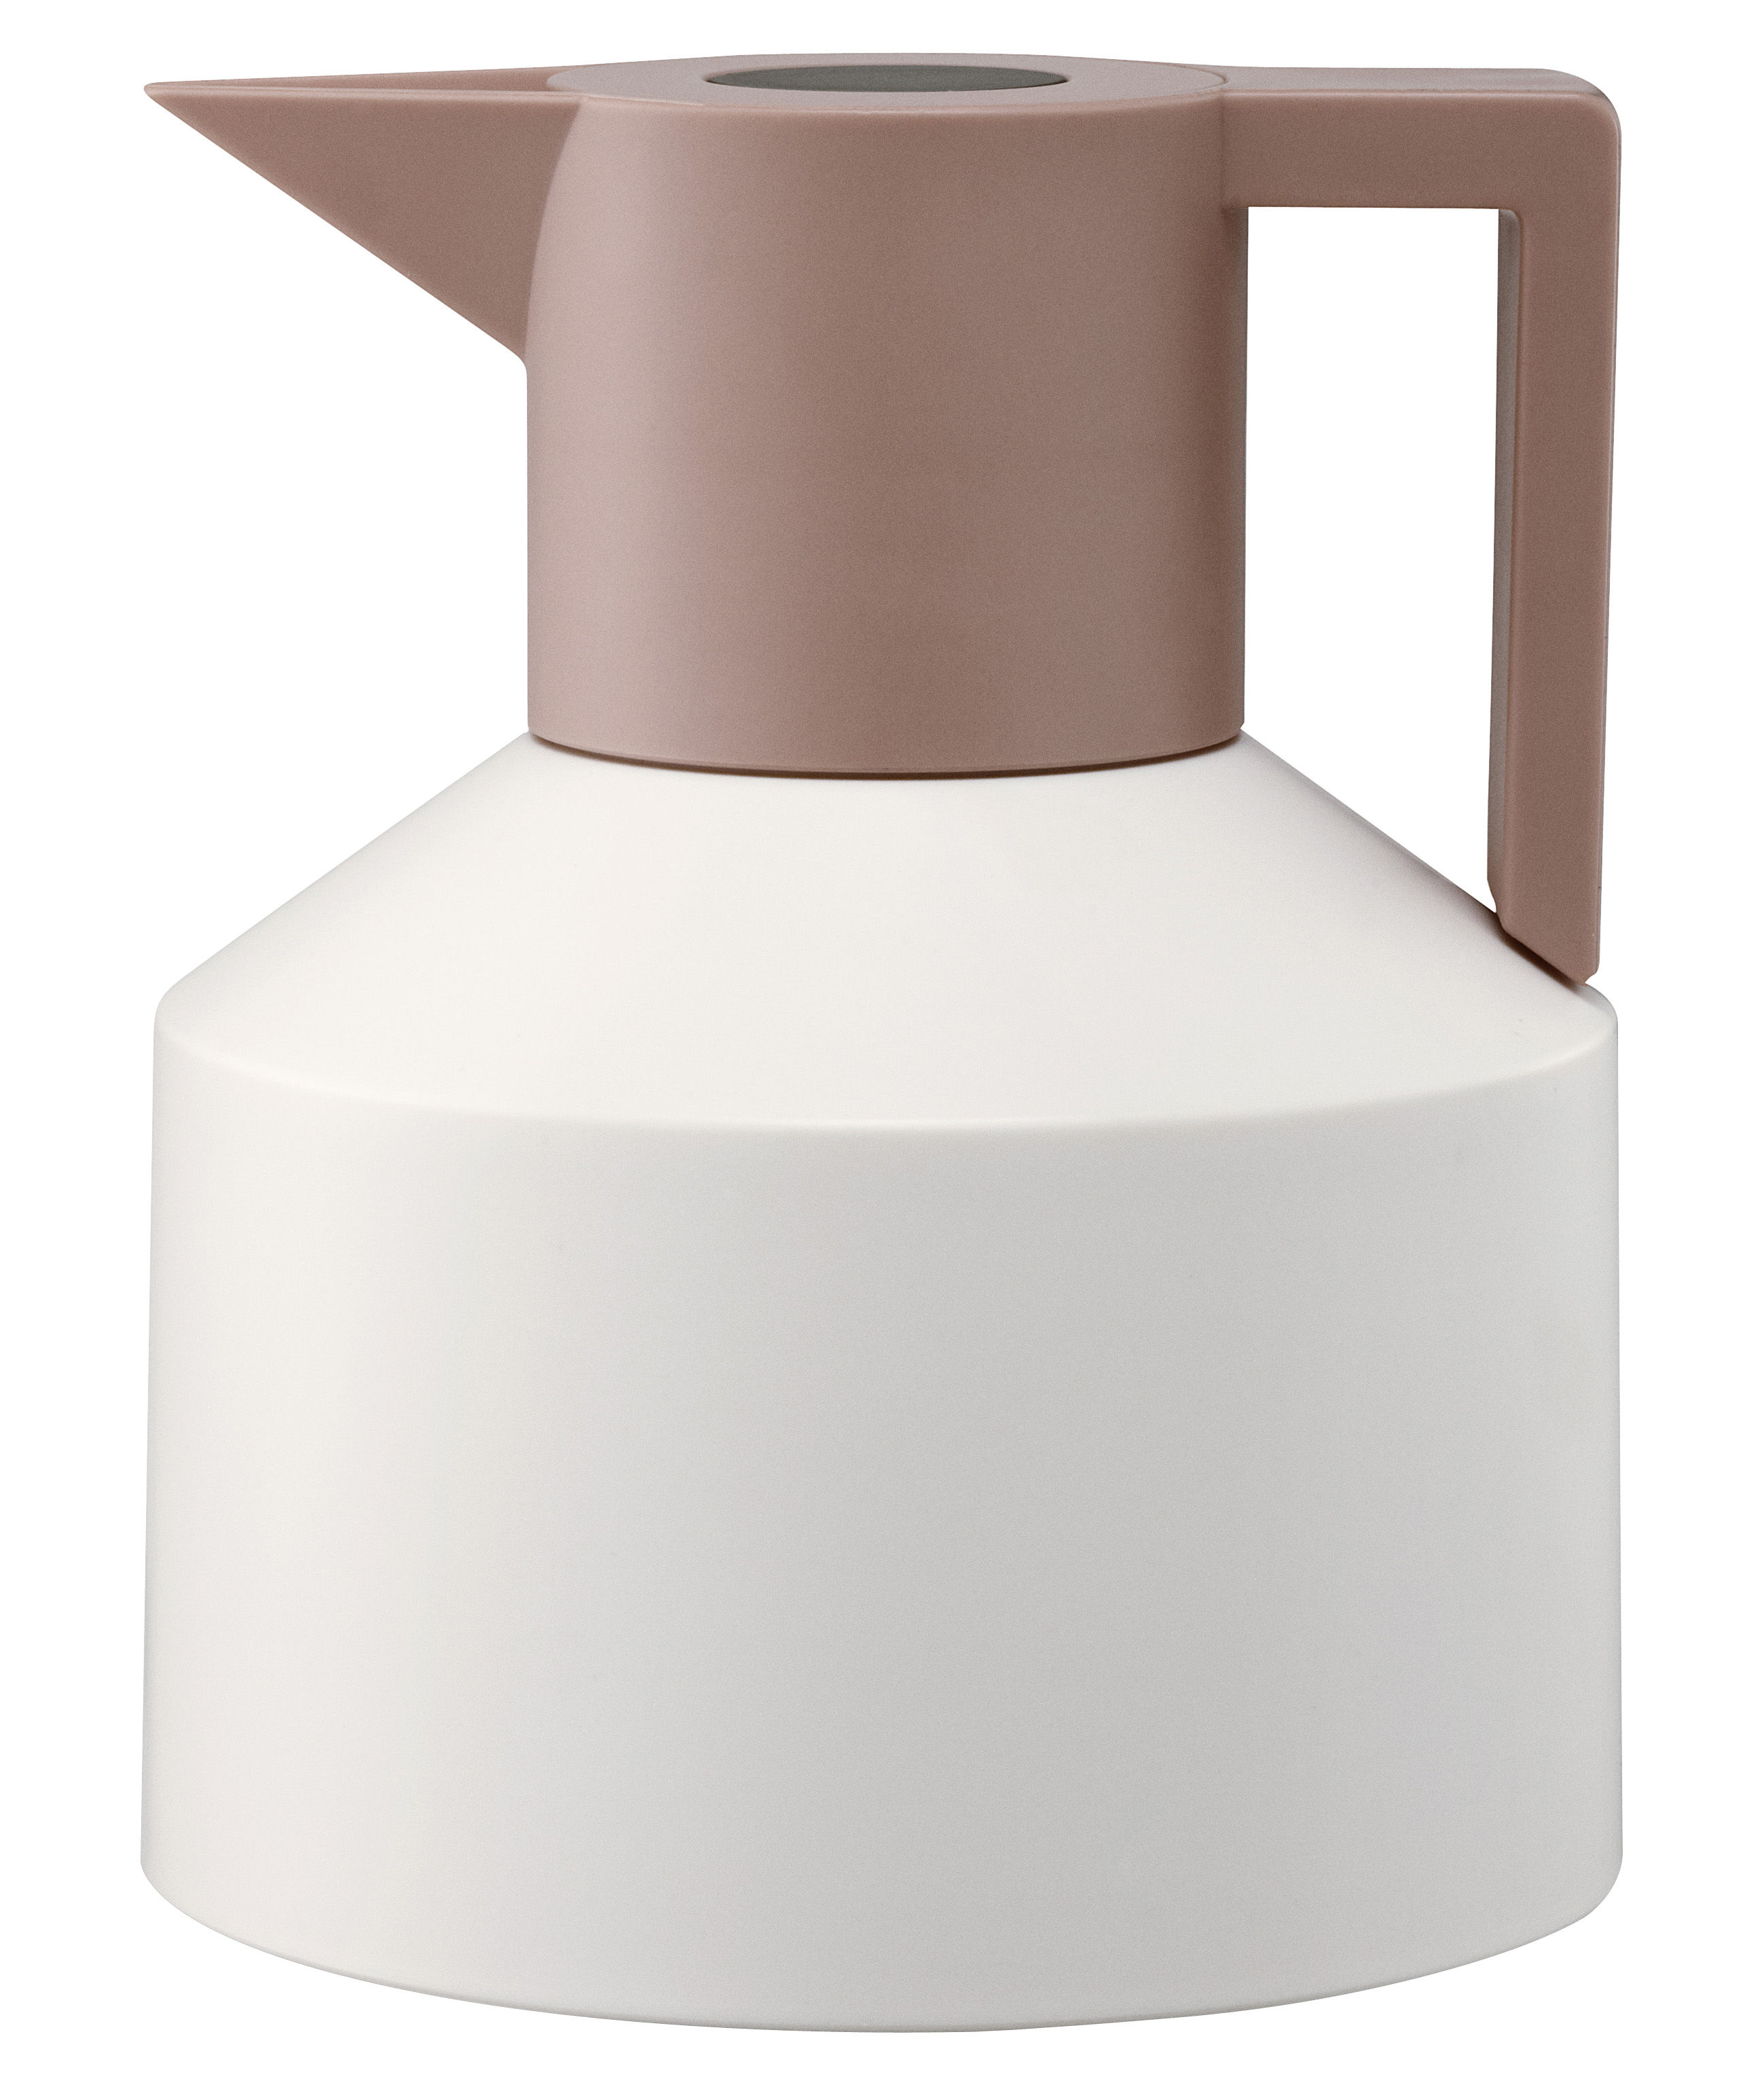 Tavola - Caffè - Brocca isotermica Geo di Normann Copenhagen - Bianco / Corallo con tasto nero - Plastica